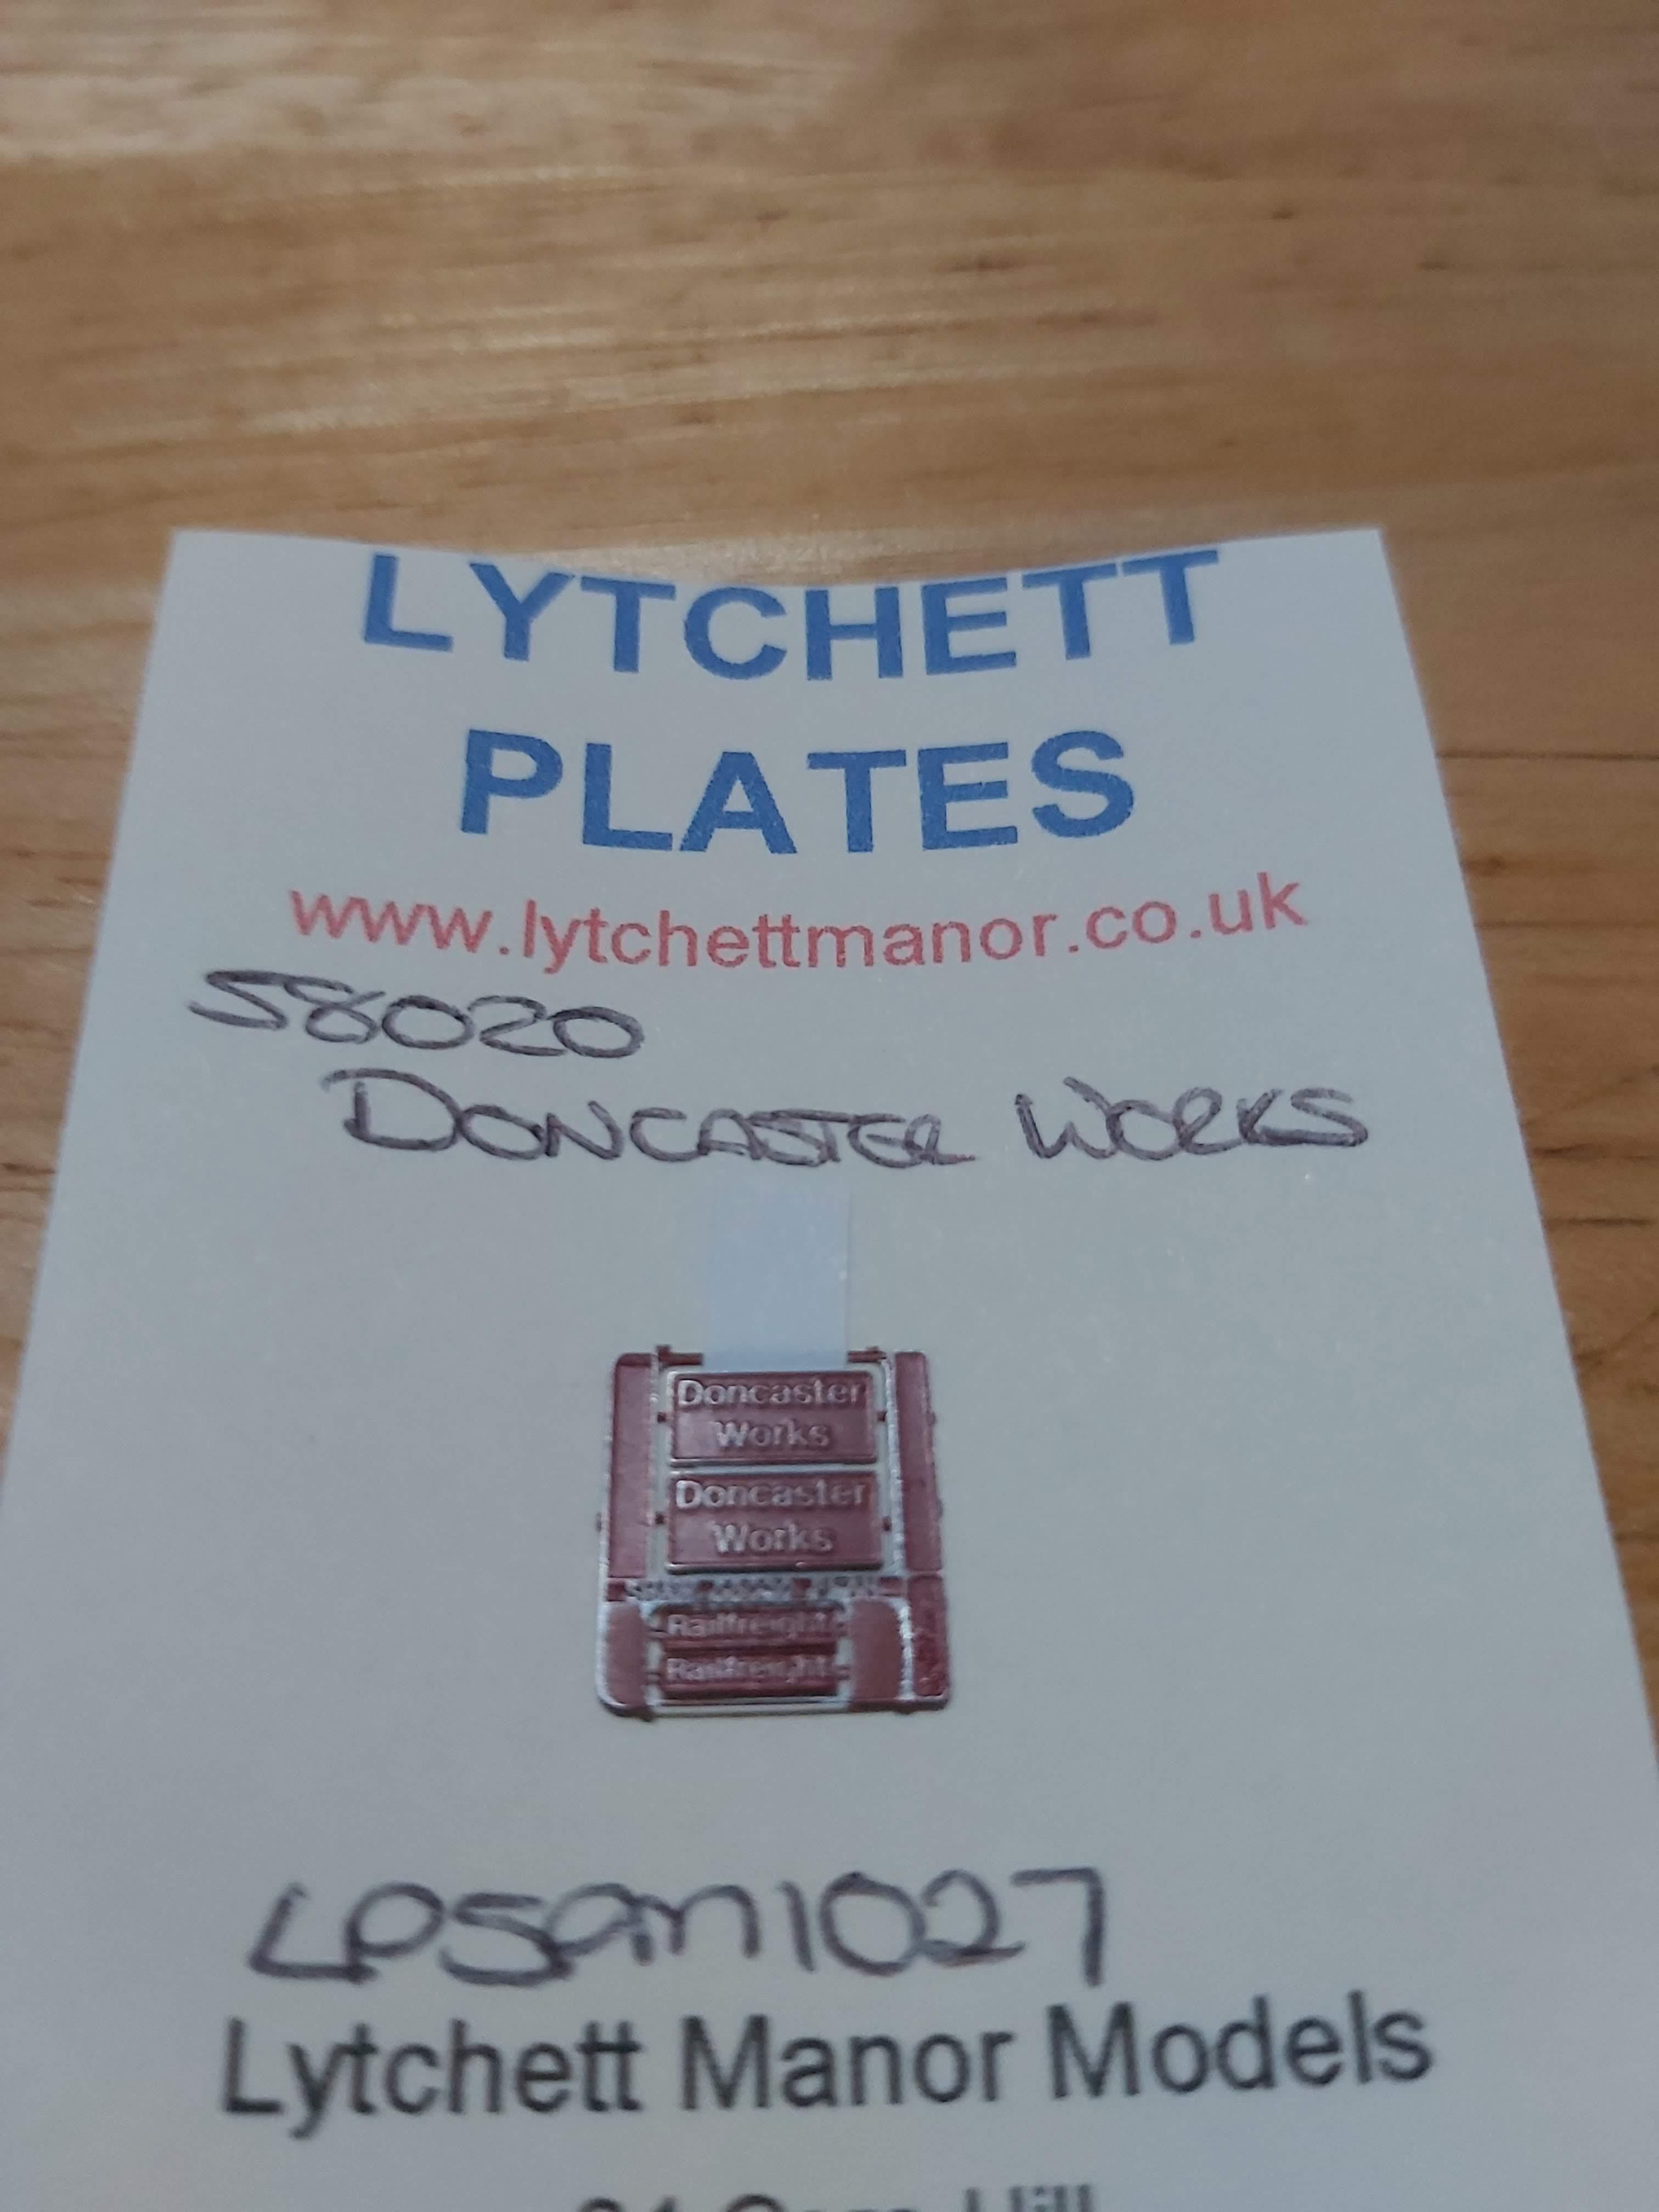 58020 Doncaster Works